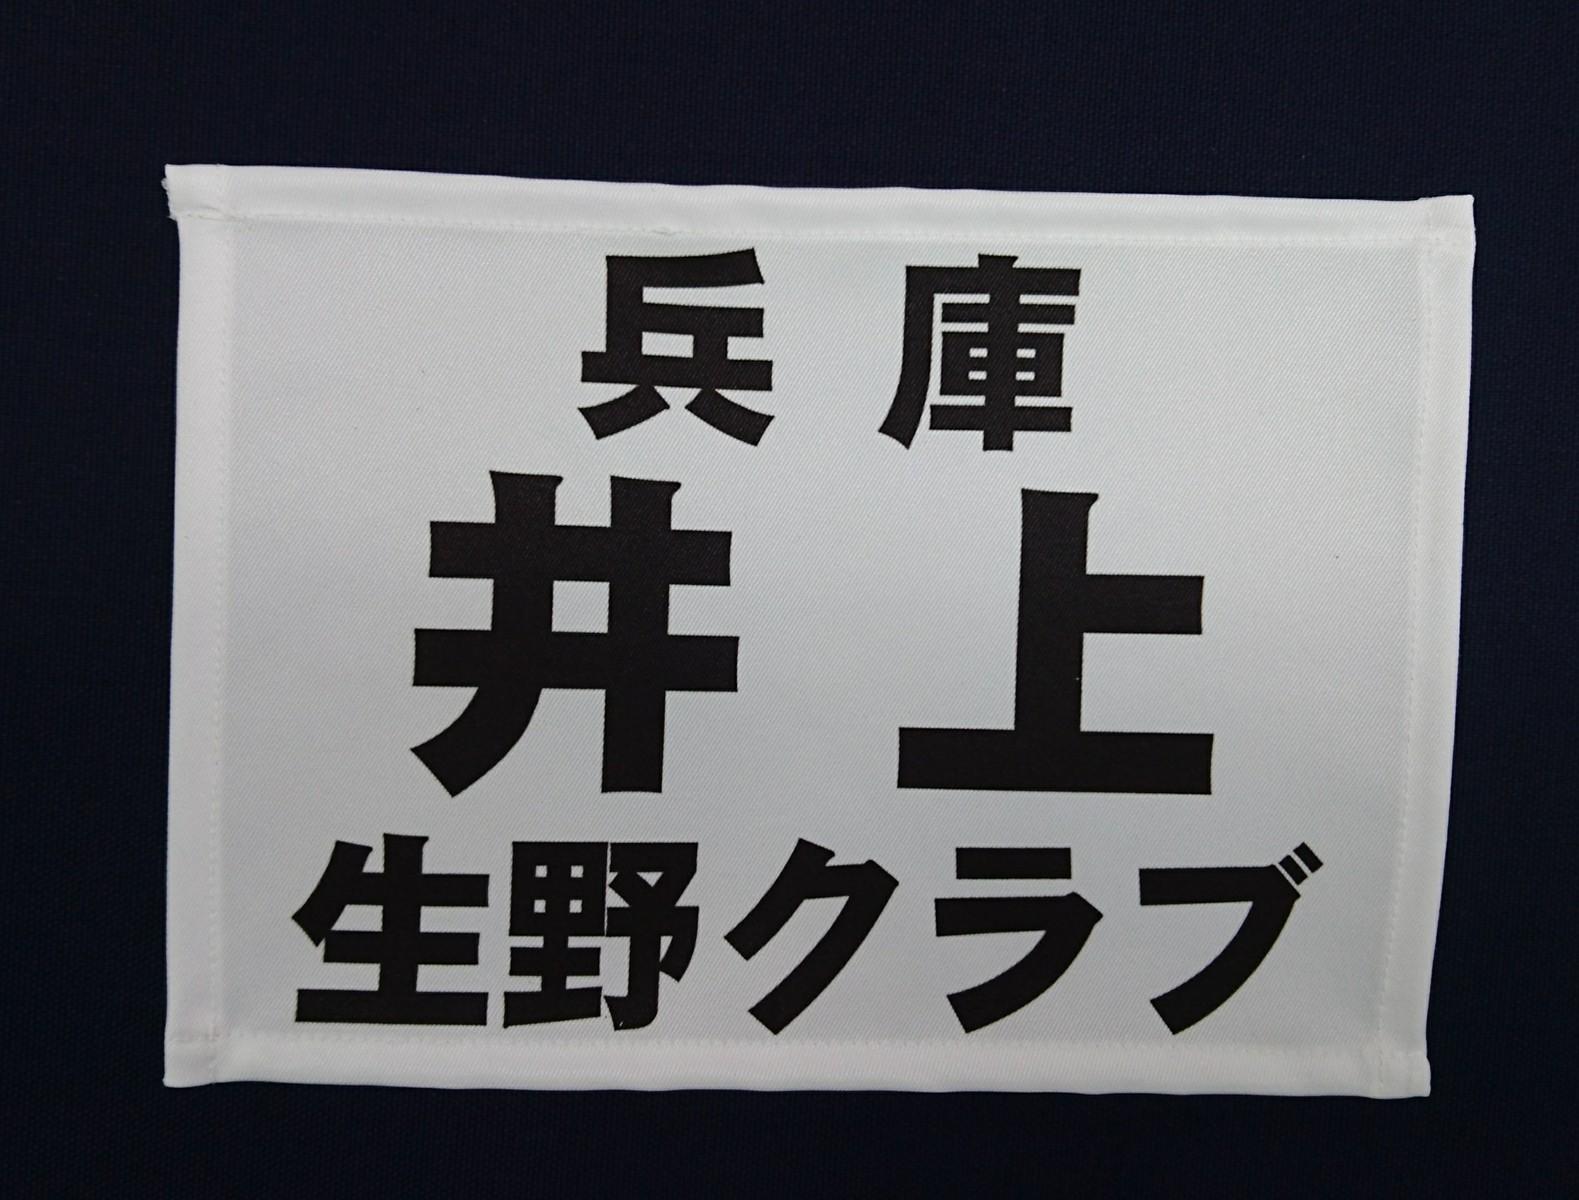 昇華プリントで生地に直接プリントしますので剥がれ滲みなどはありません 日本ソフトテニス連盟指定規格で製作致します ソフトテニス用ゼッケン 贈呈 ふち縫いあり 日本ソフトテニス連盟指定規格 国際ブランド